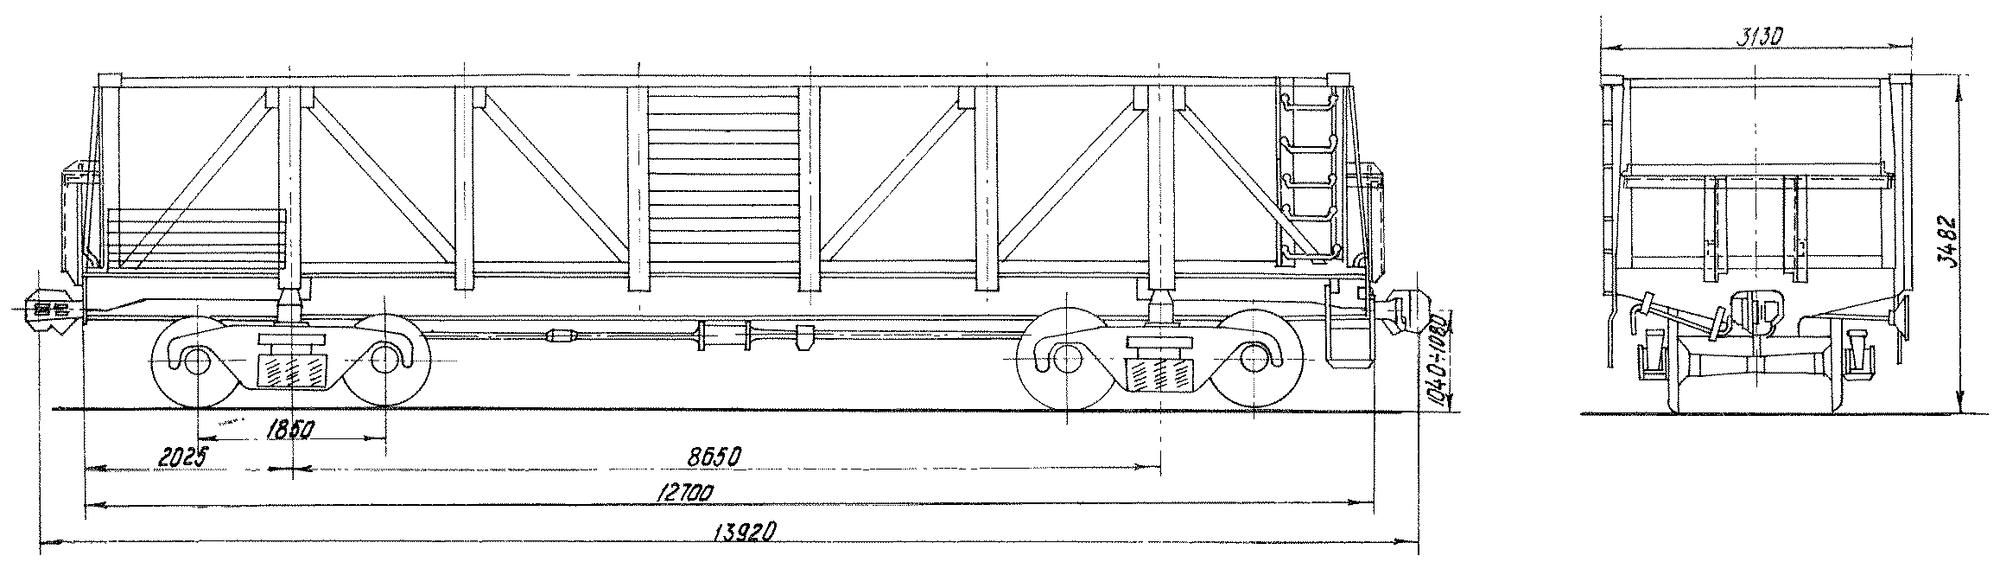 4-осный вагон для среднетоннажных контейнеров на базе полувагона